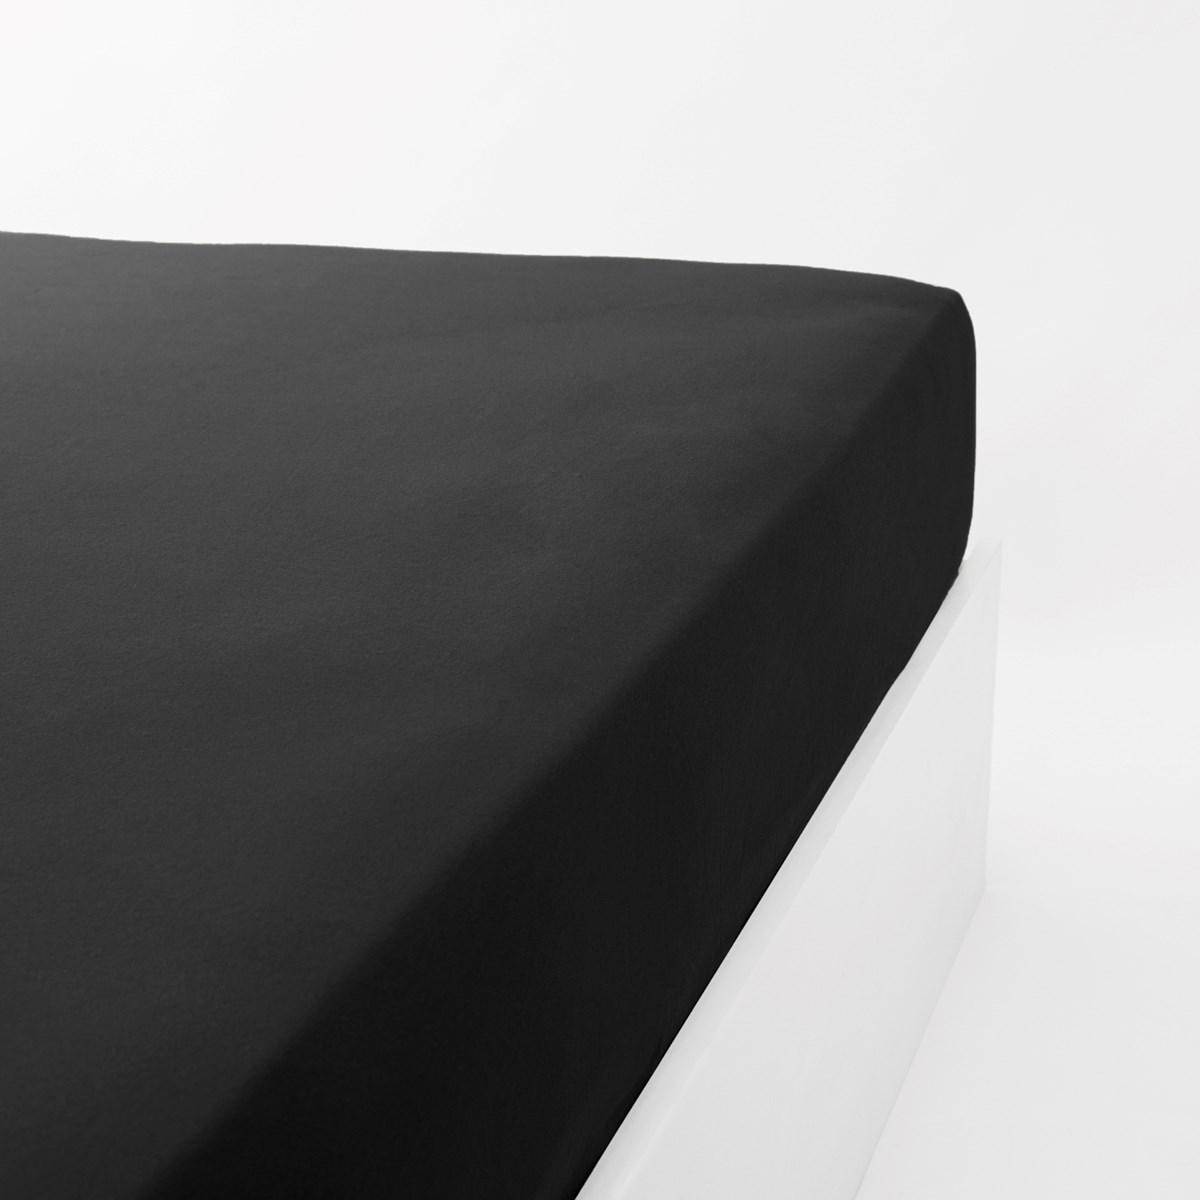 Drap housse jersey extensible en coton noir 140x200 cm